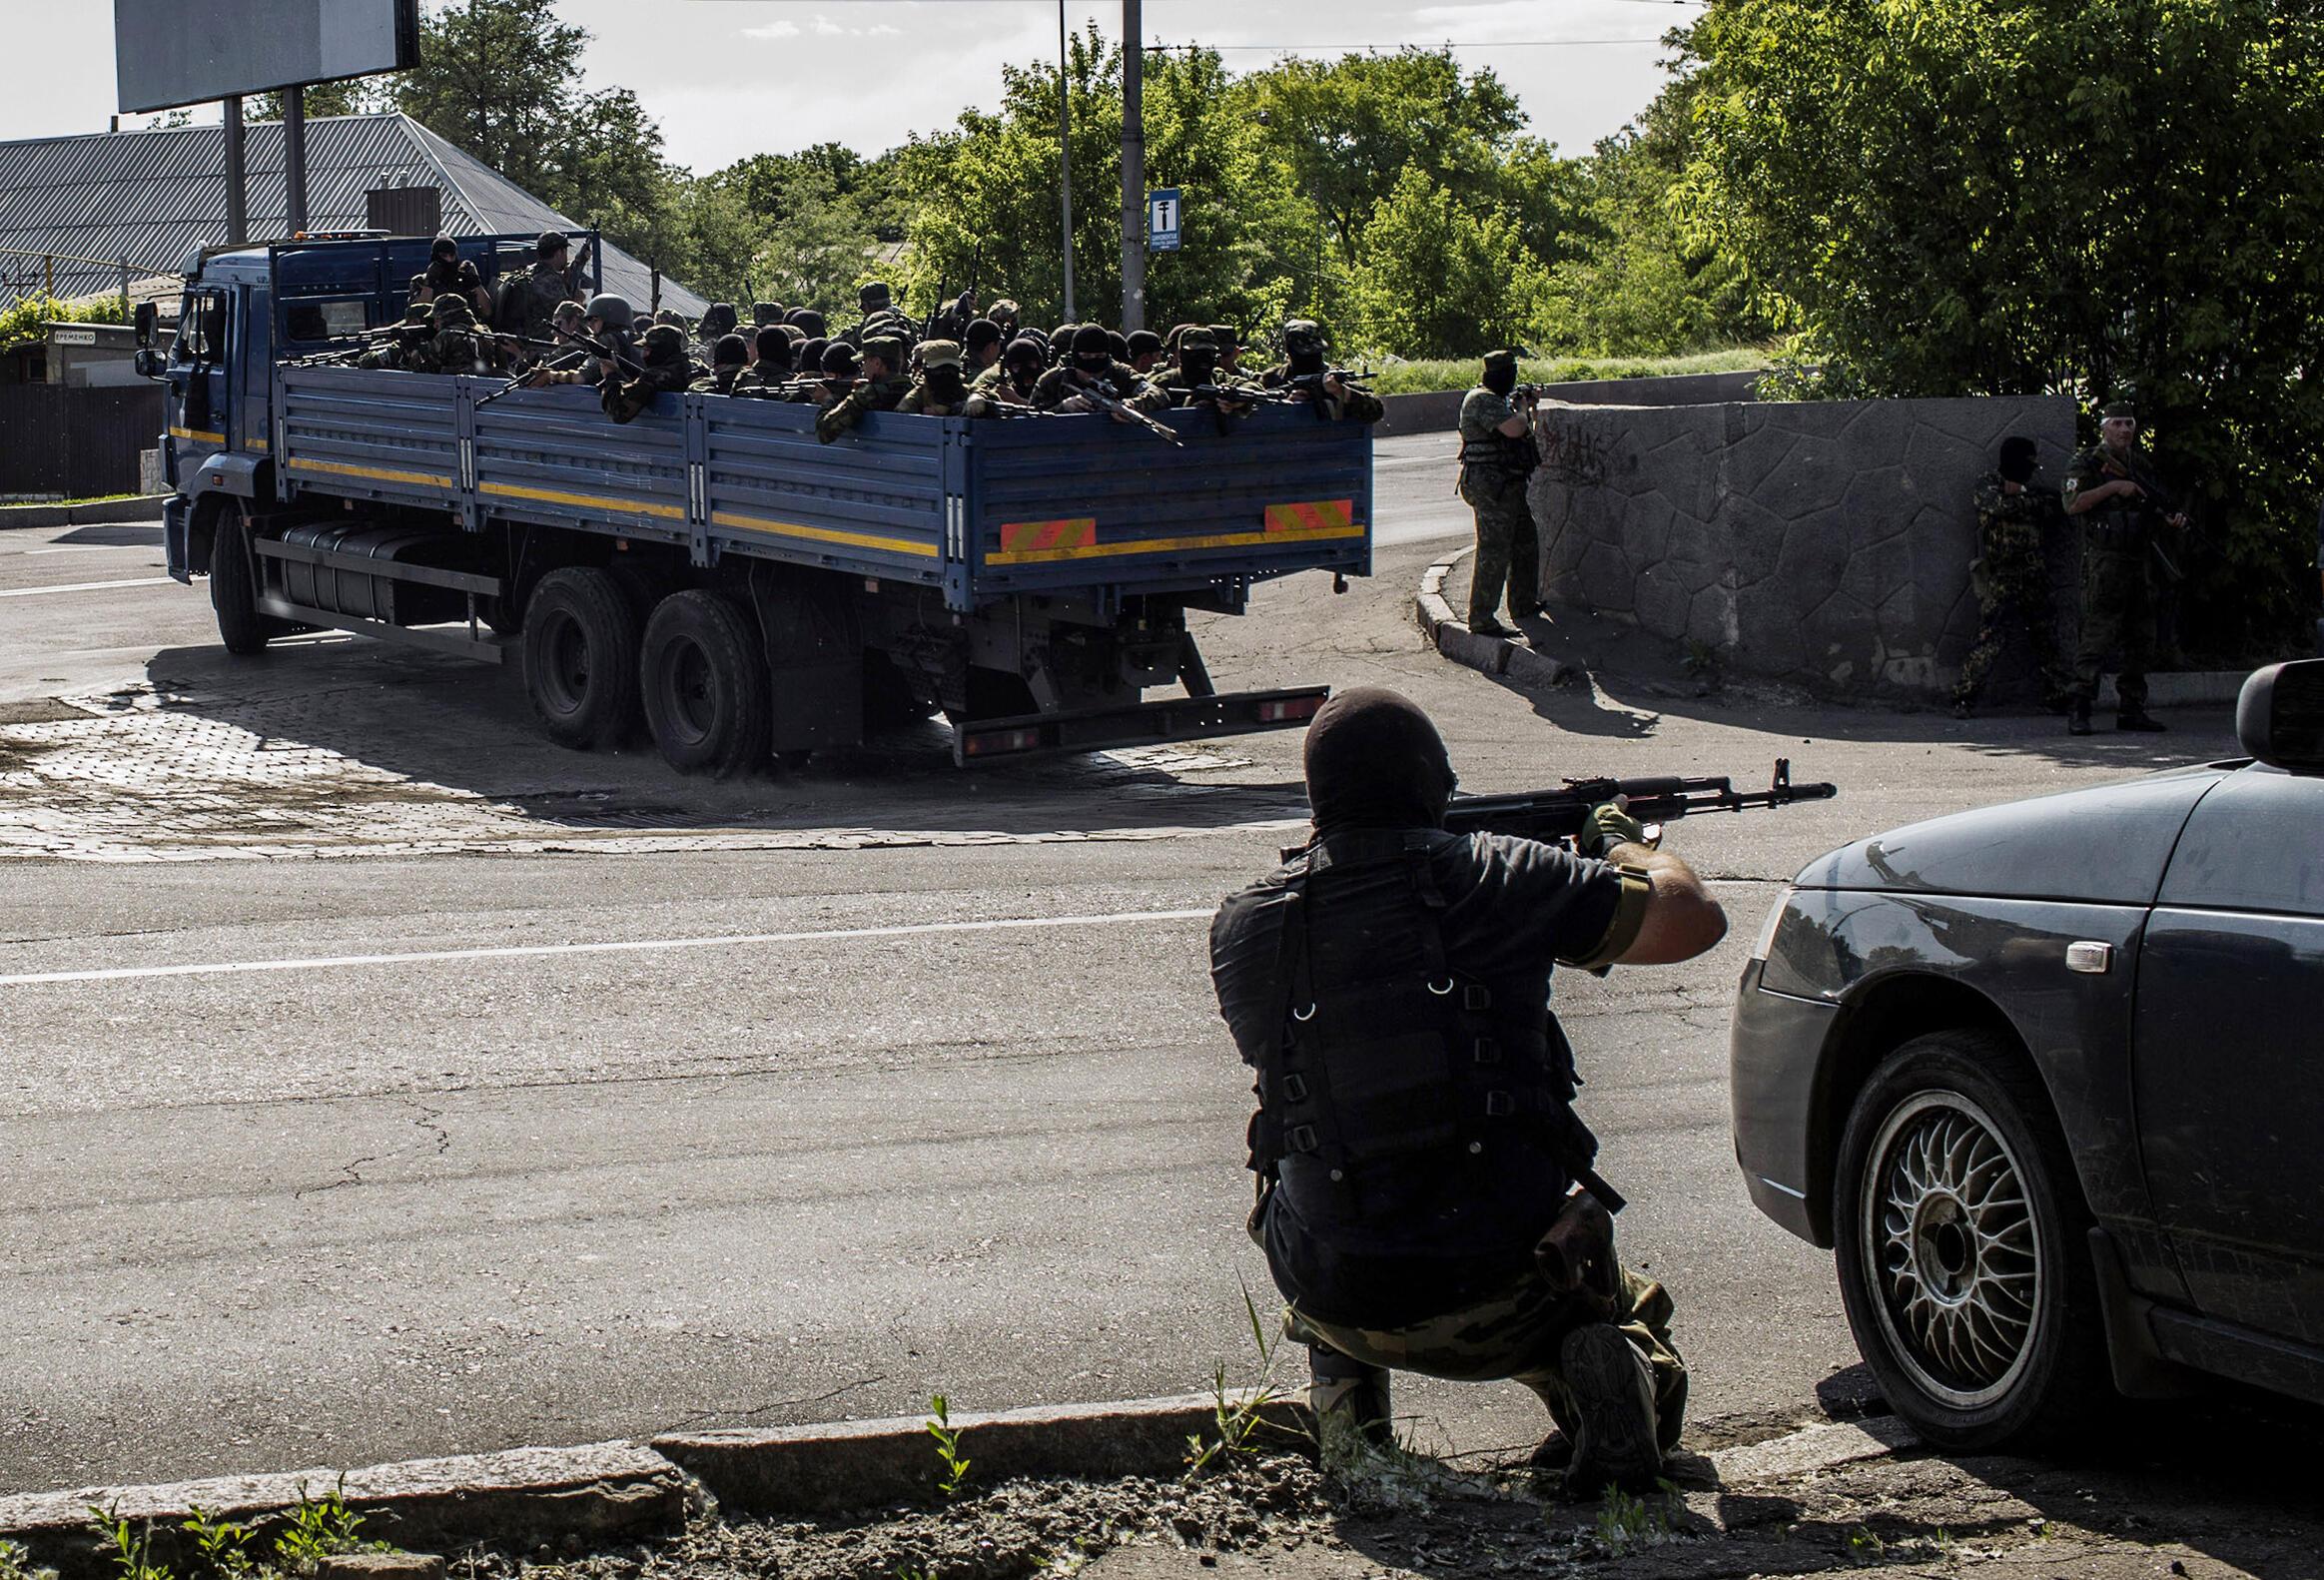 Chiến binh thân Nga gần sân bay Donetsk, Ukraina, 26/05/2014.